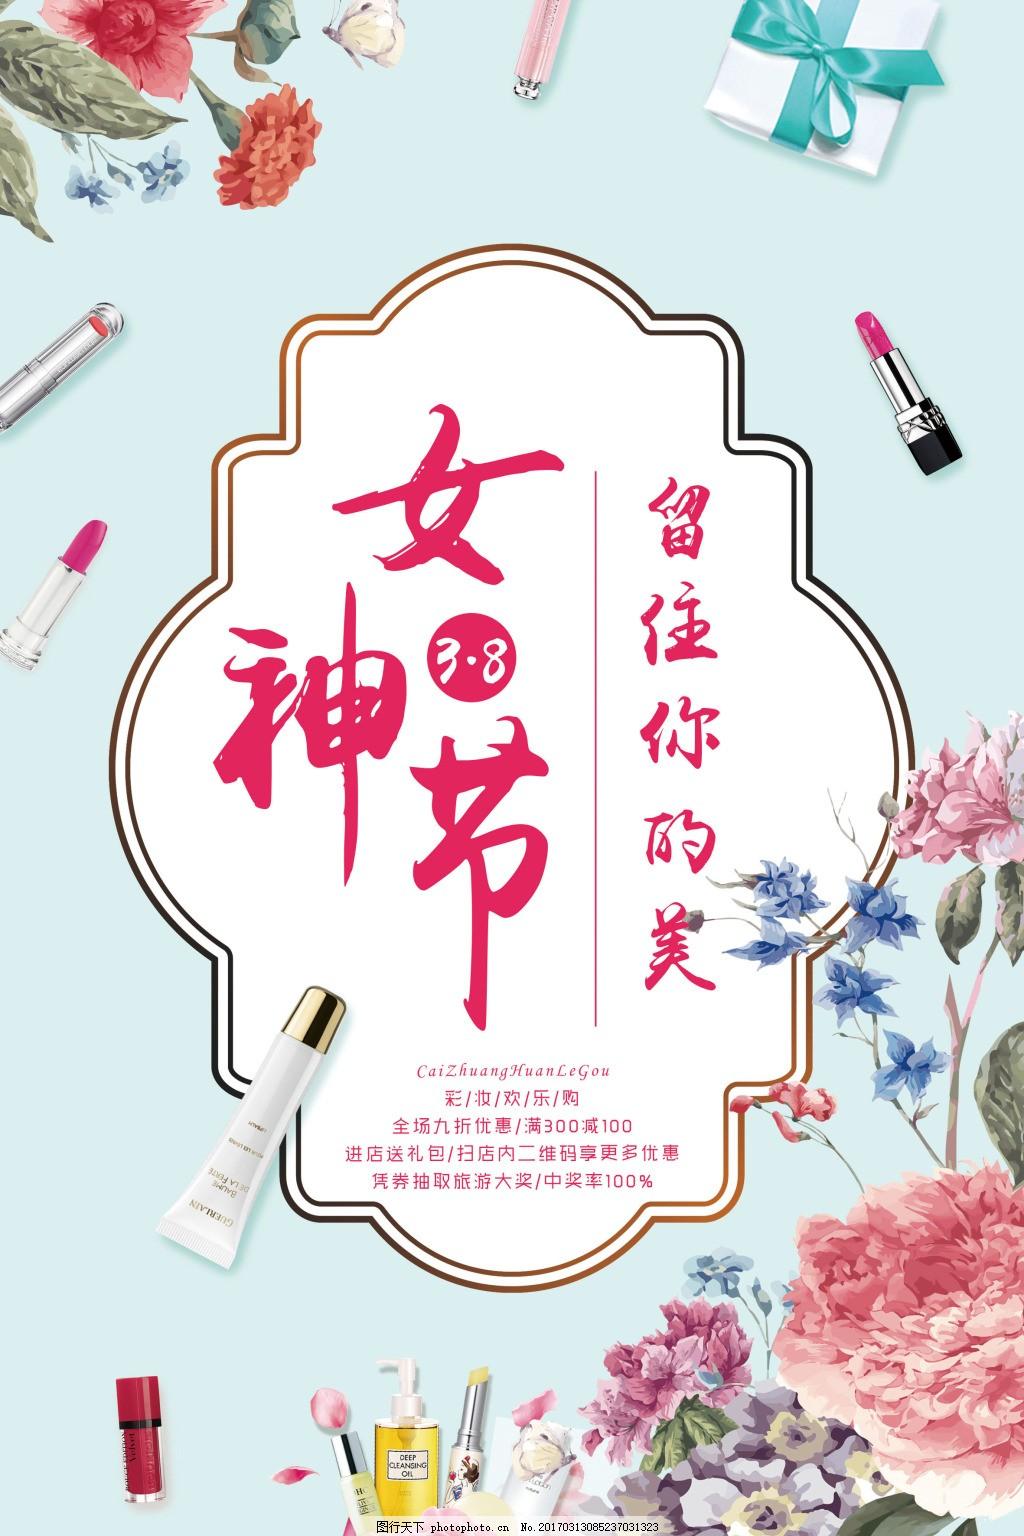 8 节日促销海报 手绘花朵 清新促销海报 留住美丽 口红促销 化妆品美